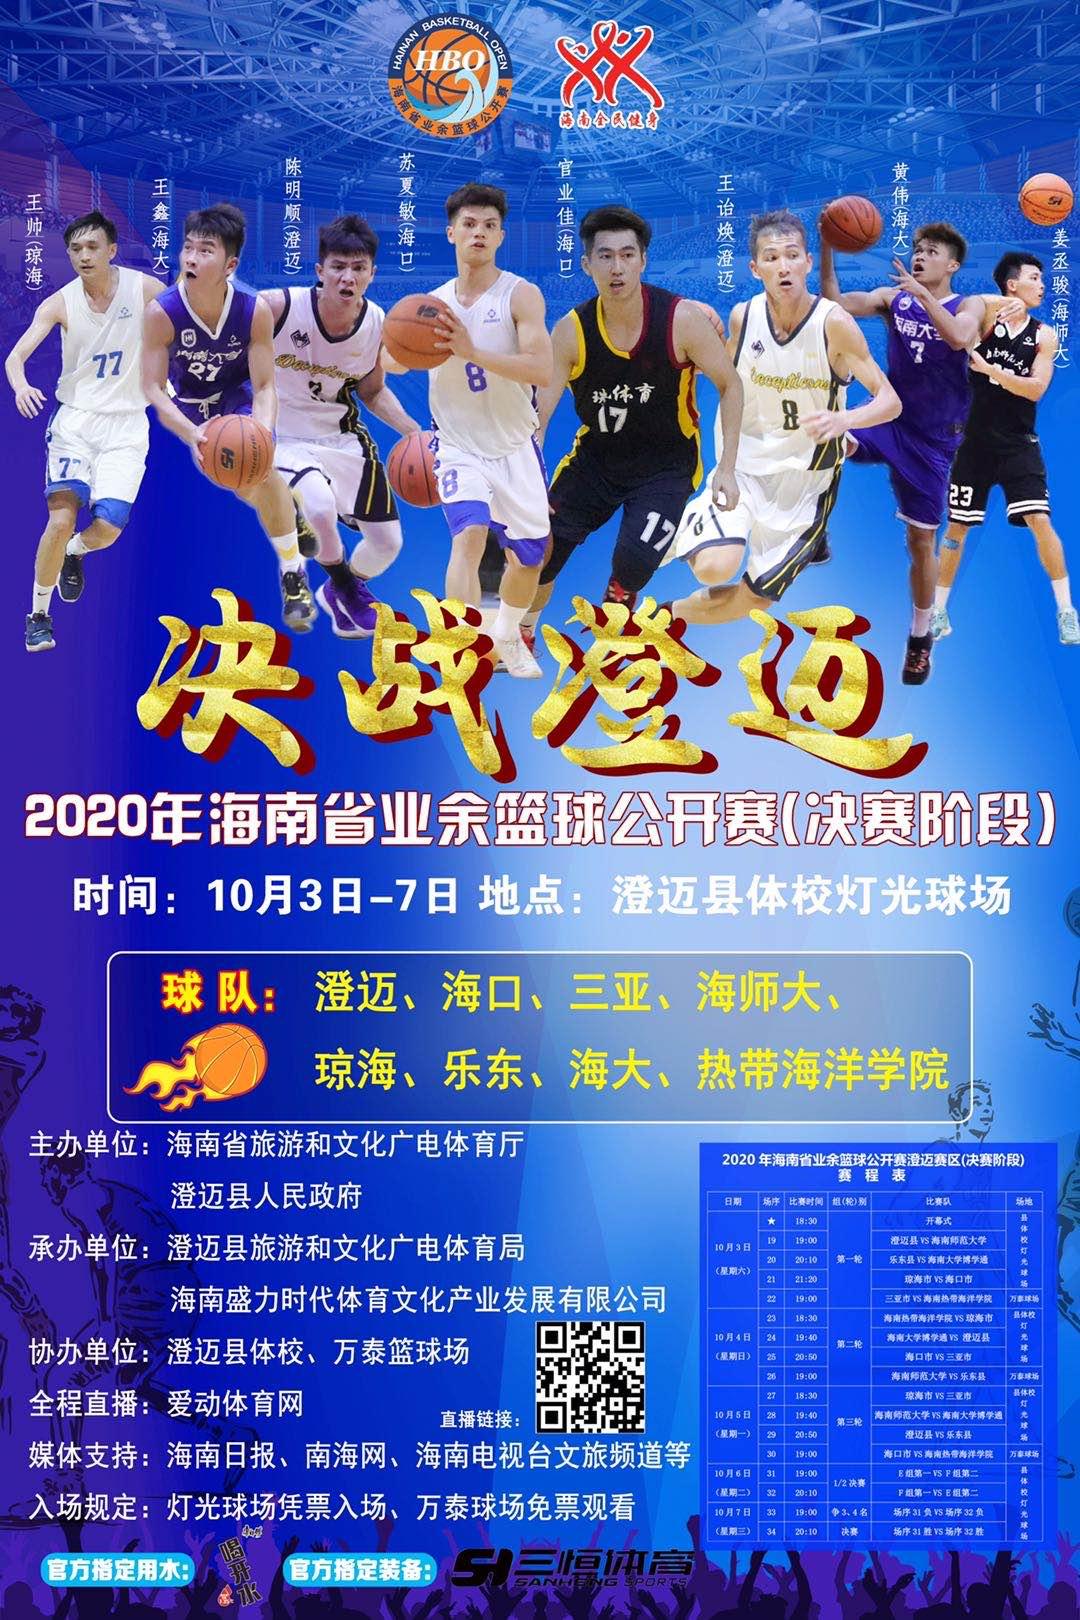 【回放】2020年海南省业余篮球公开赛 4日 澄迈赛区